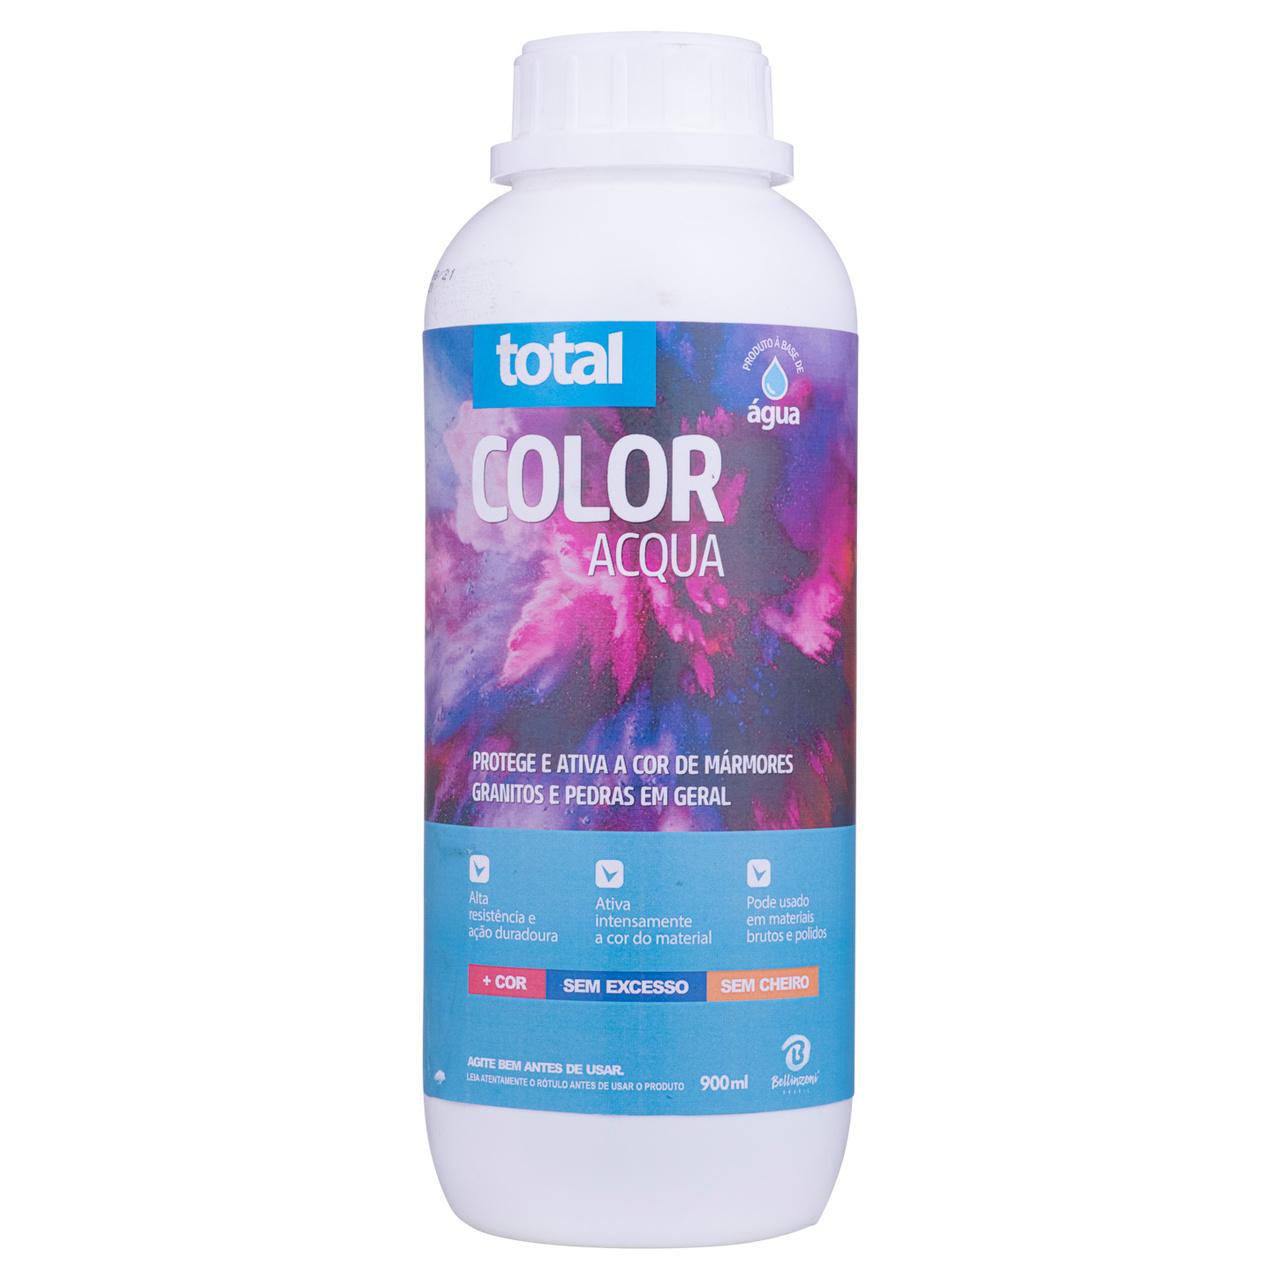 Total color agua ativador de cor 900ml